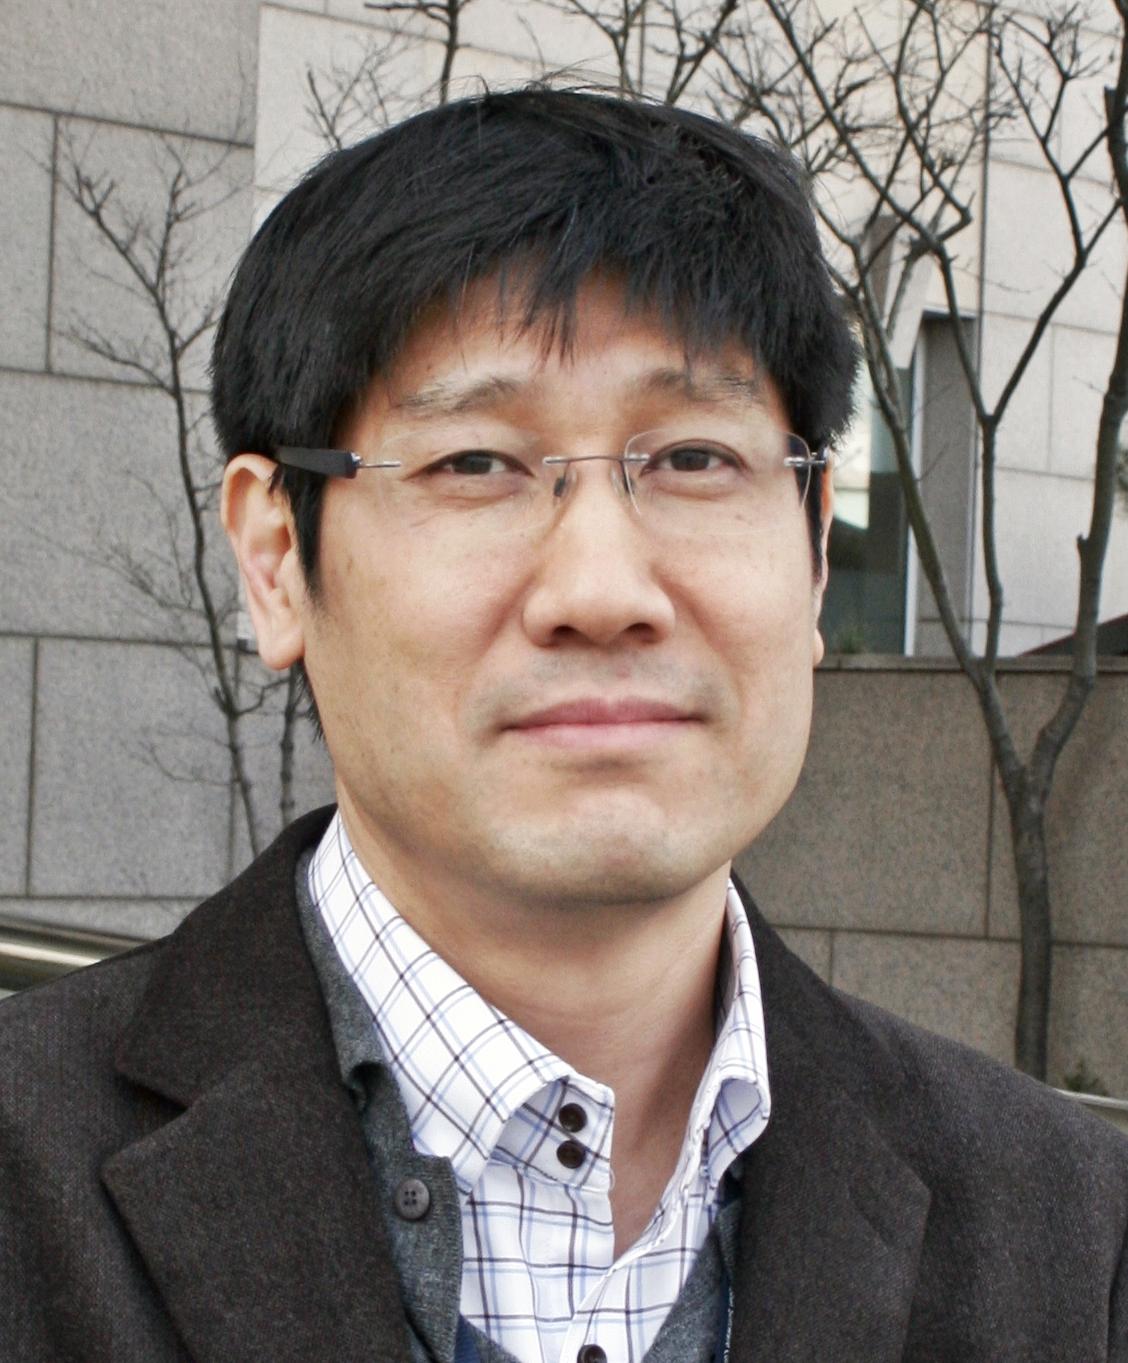 김우승 줌인터넷 검색기술본부 연구소장